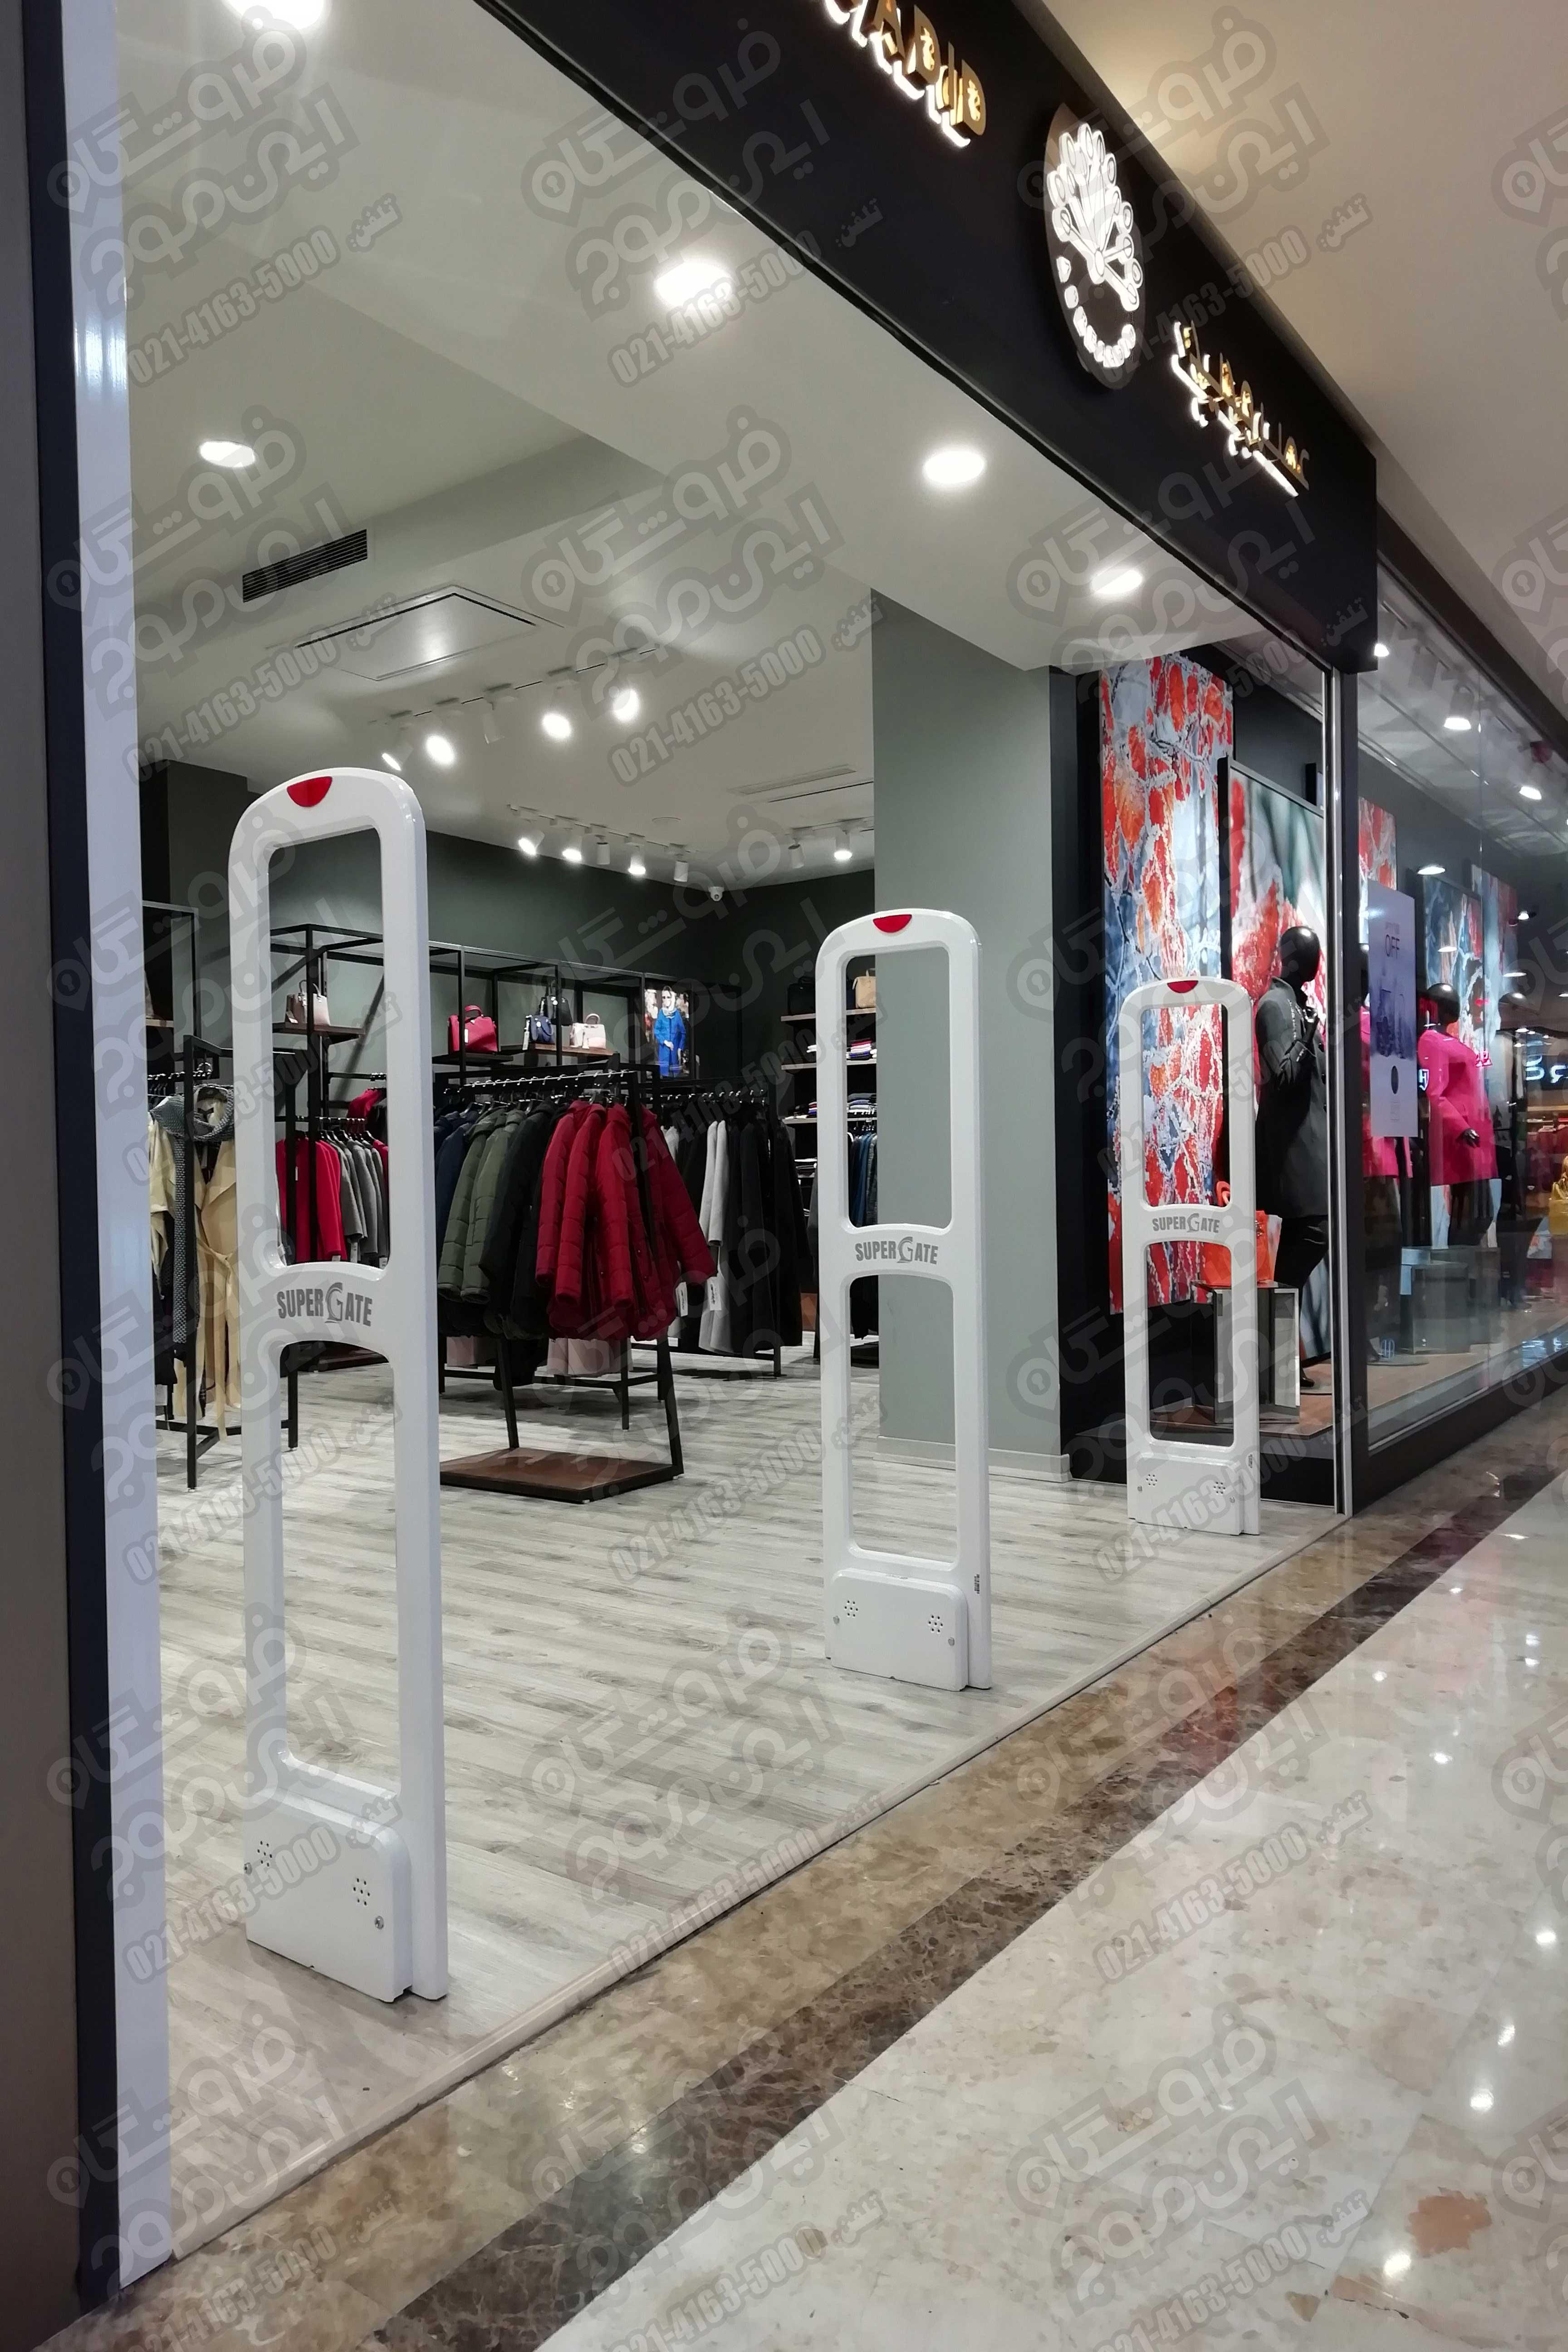 گیت-فروشگاهی-سوپر-گیت-نصب-شده-در-فروشگاه-بزرگ-لباس